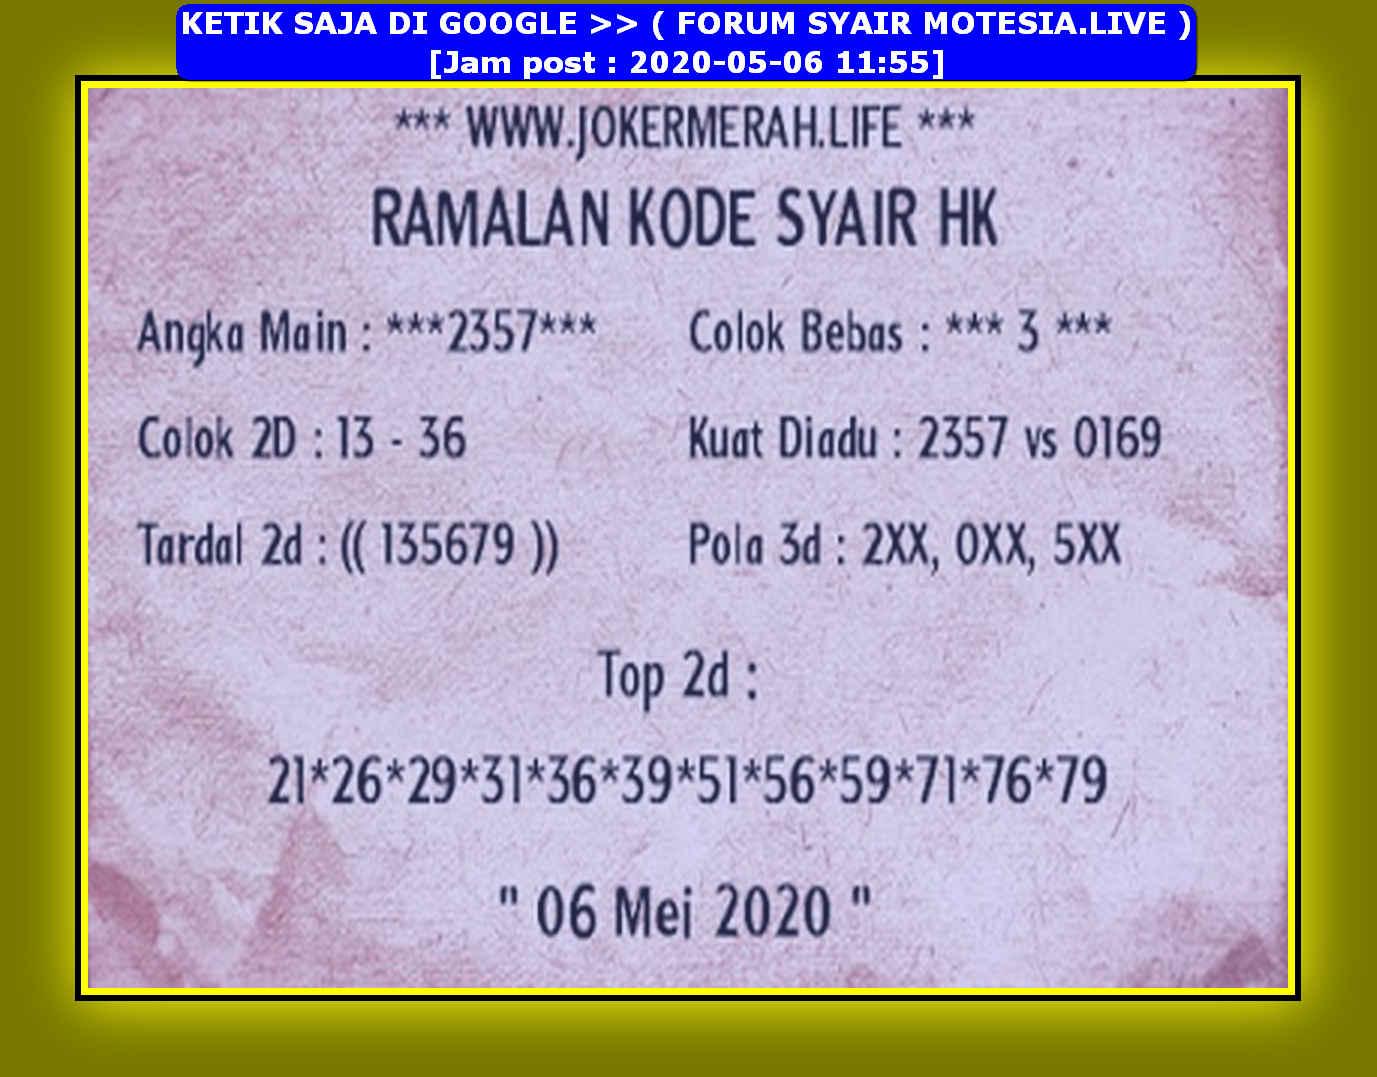 Kode syair Hongkong Rabu 6 Mei 2020 144